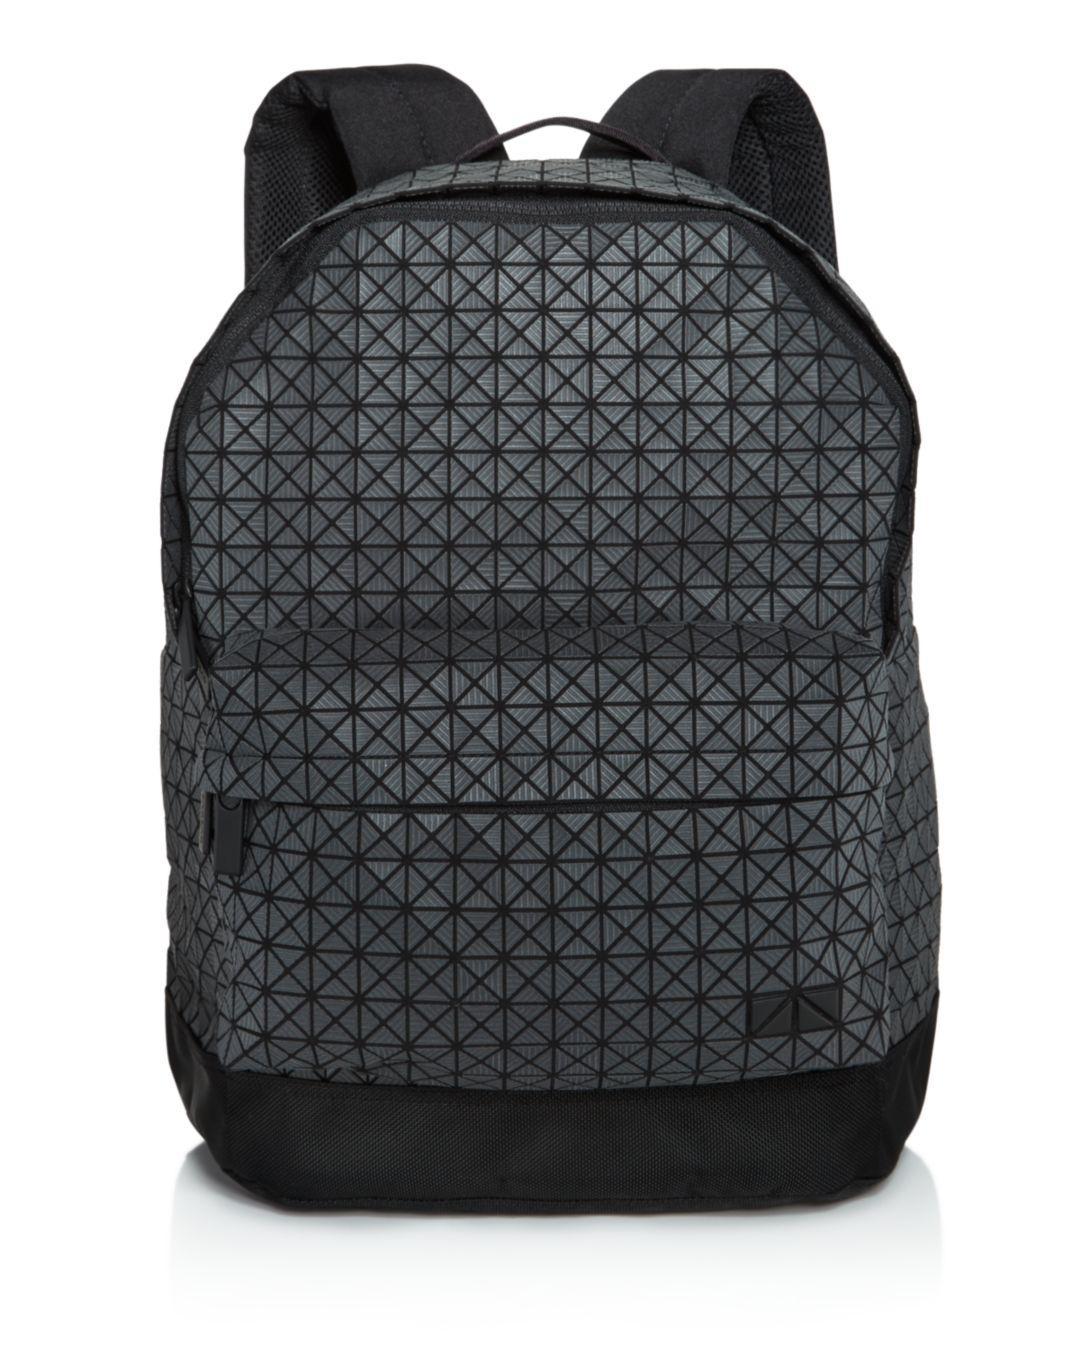 Bao Bao Issey Miyake Geometric Backpack in Black for Men - Lyst d1ae3e5dec089